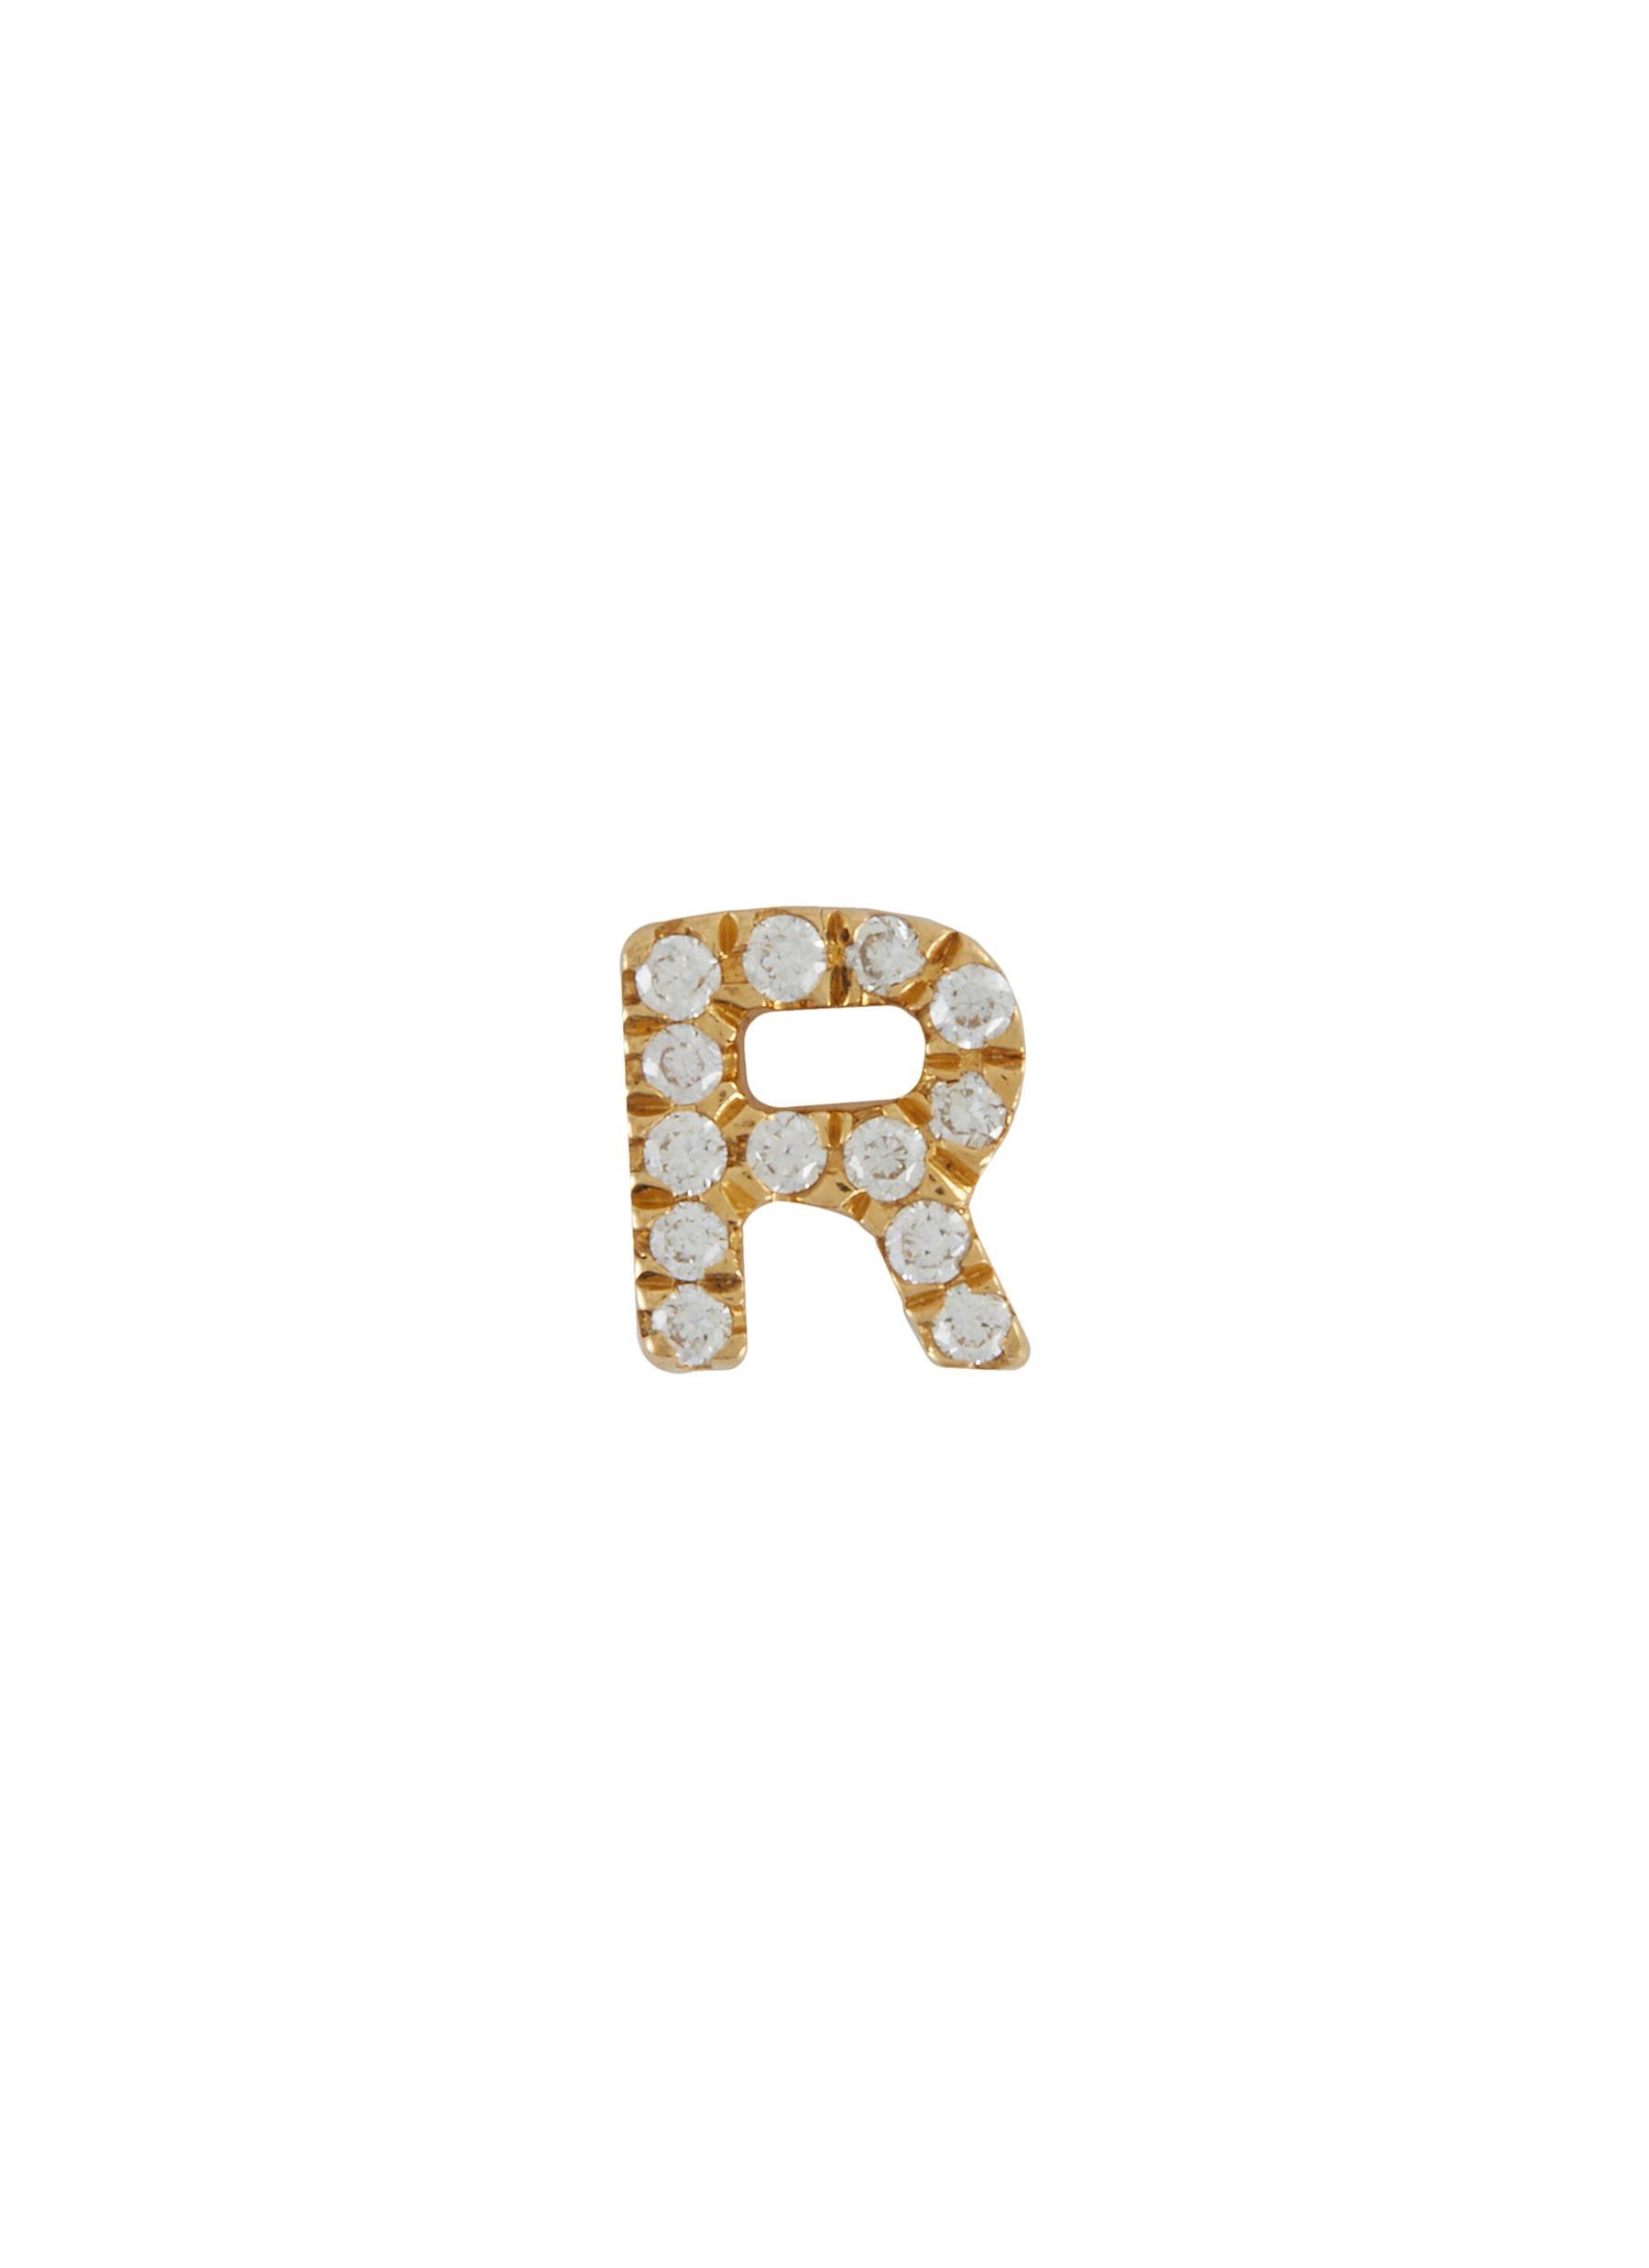 Diamond 18k Gold Letter R Charm